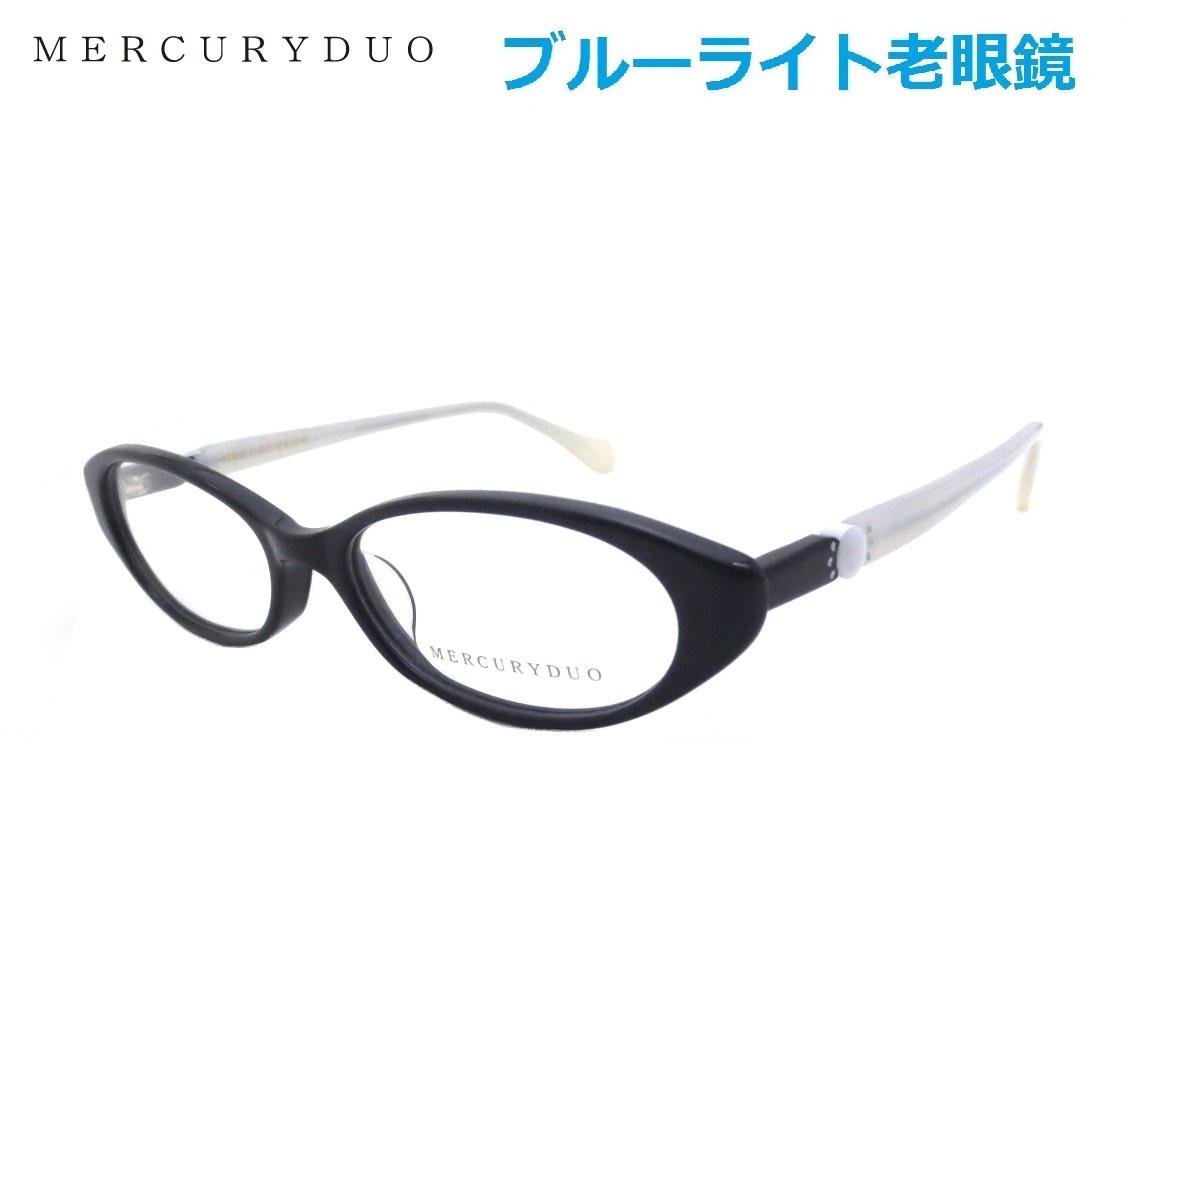 MERCURYDUO(マーキュリーデュオ)MDF8009 01(52)セミオーダー老眼鏡 中間度数有 ブルーライトカットUVカット(UV400)&防汚コート付レンズ +1.00 +1.25 +1.50 +1.75 +2.00 +2.25 +2.50 +2.75 +3.00 +3.50 +4.00【コンビニ受取対応商品】